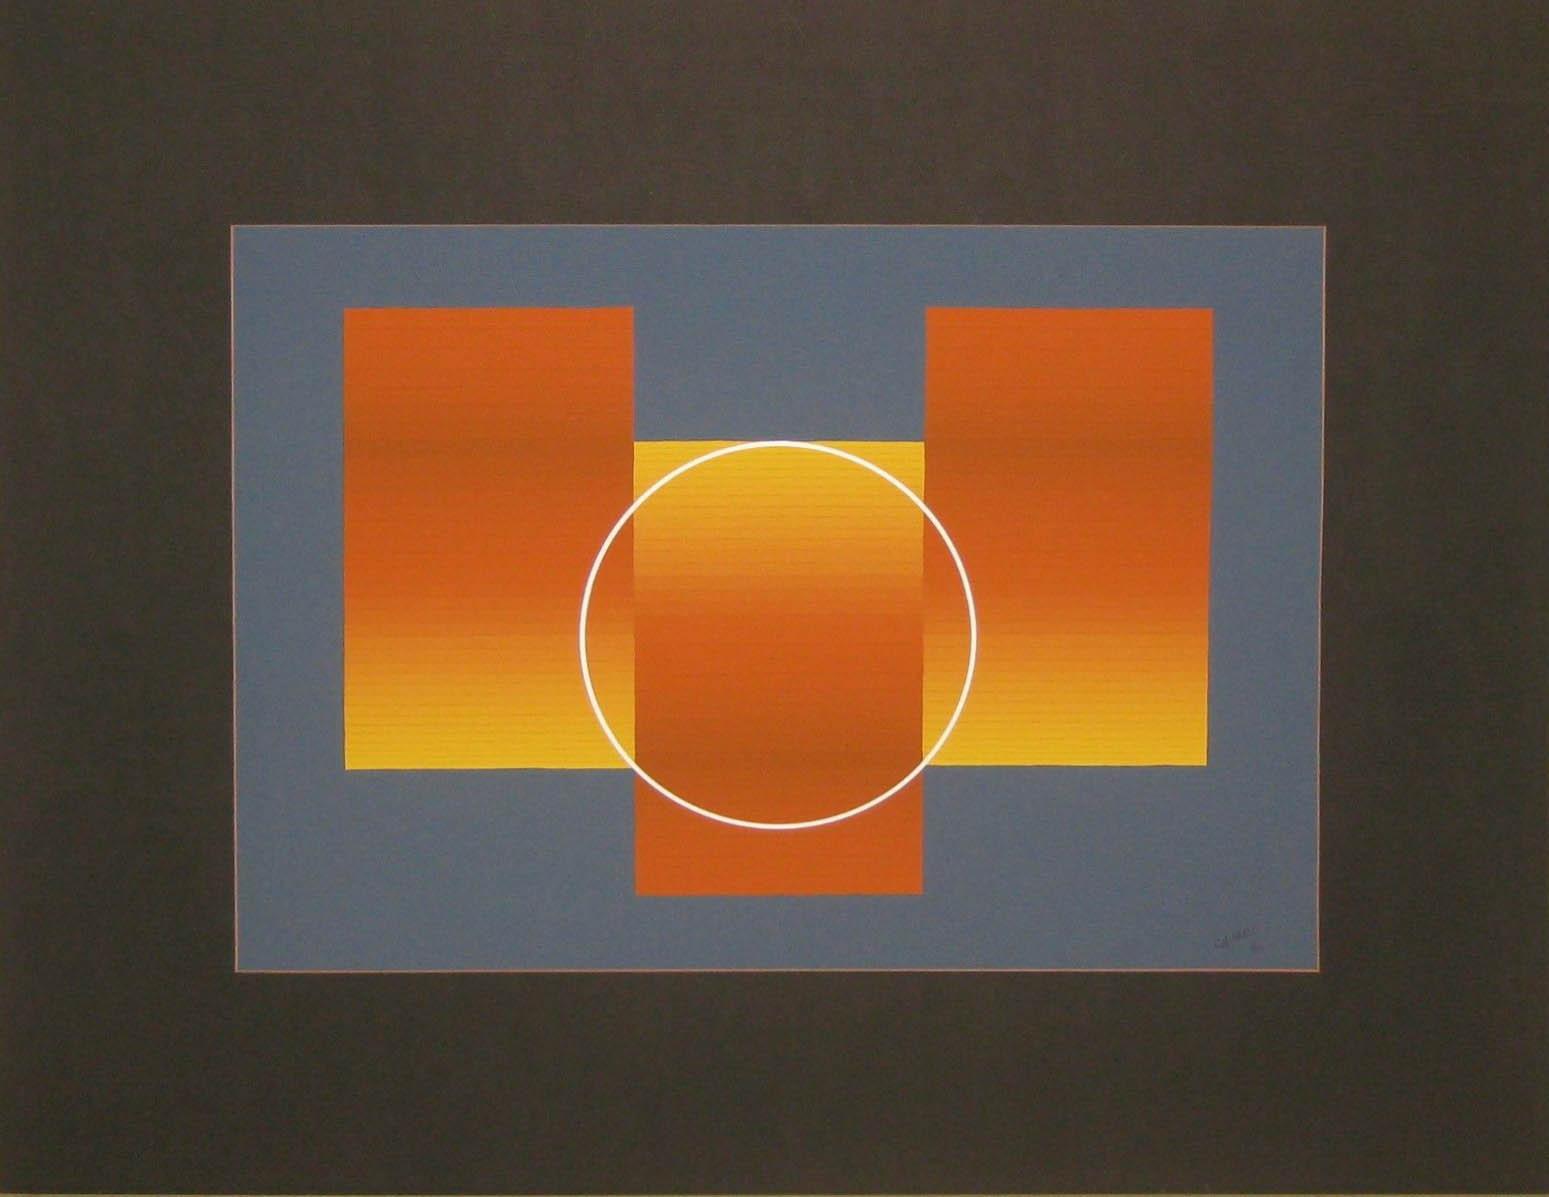 Estío (1971) - Julián Casado Lamoca